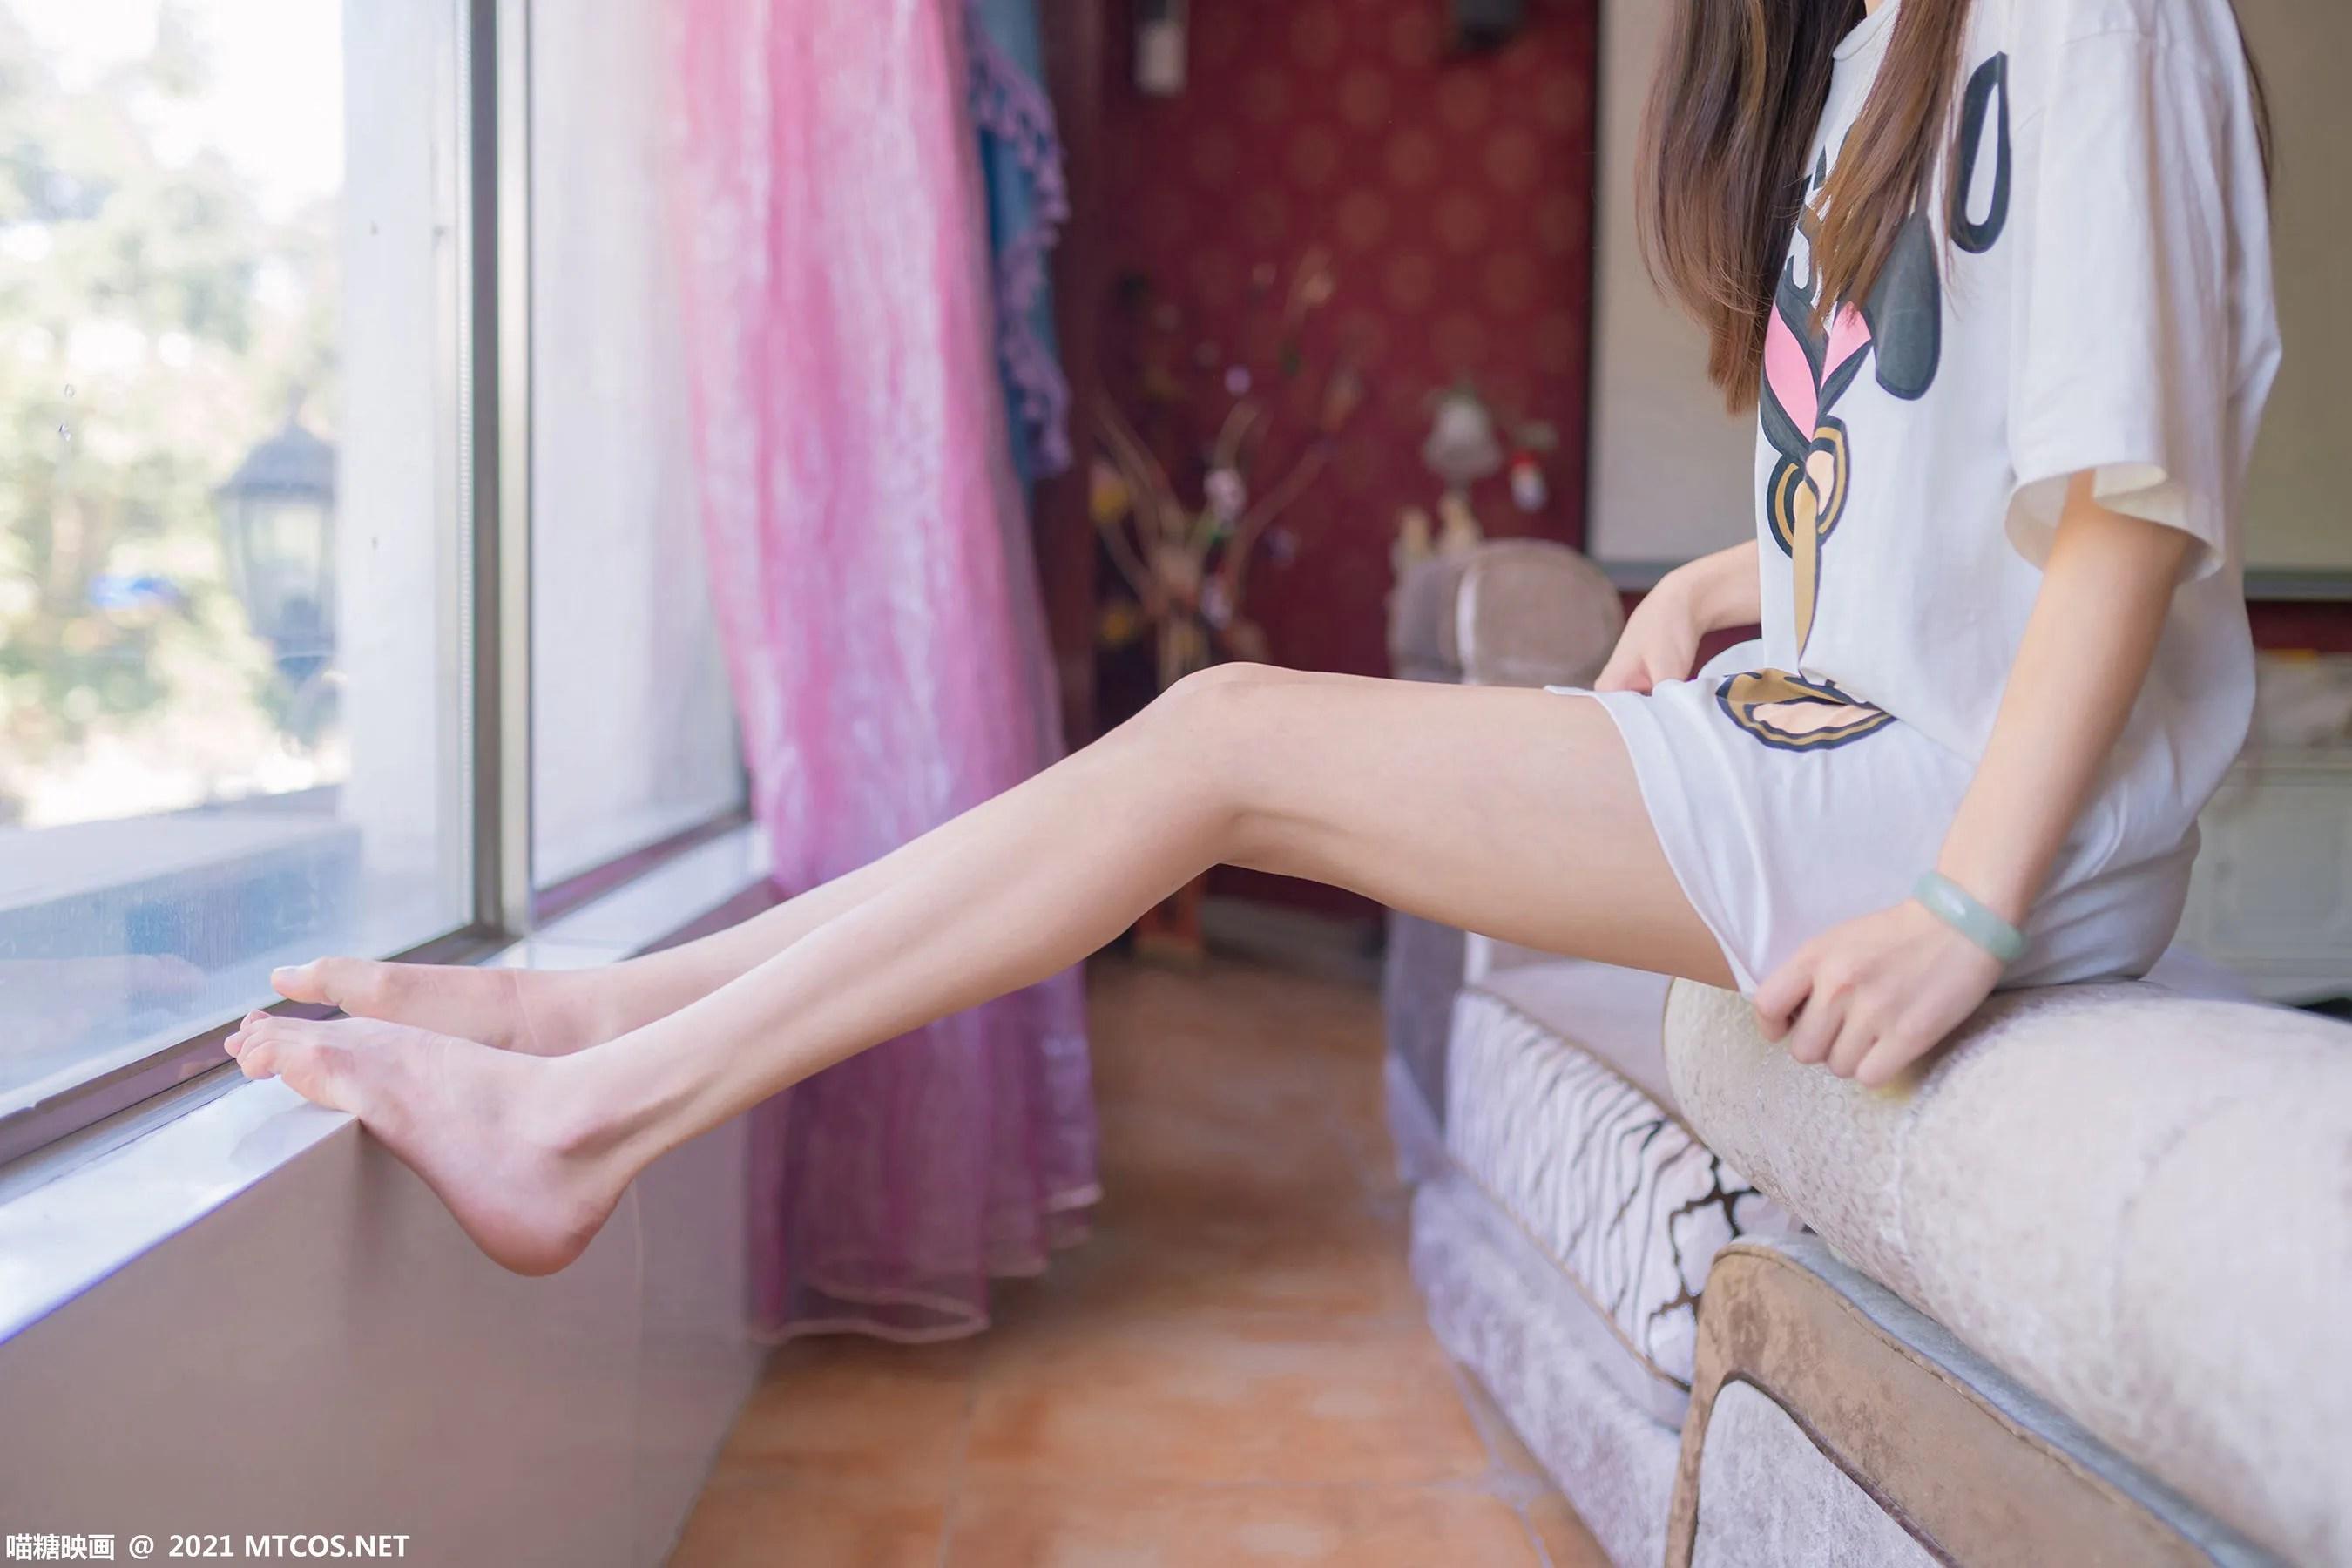 [喵糖映画] VOL.405 白T少女 写真套图[42P]插图(8)